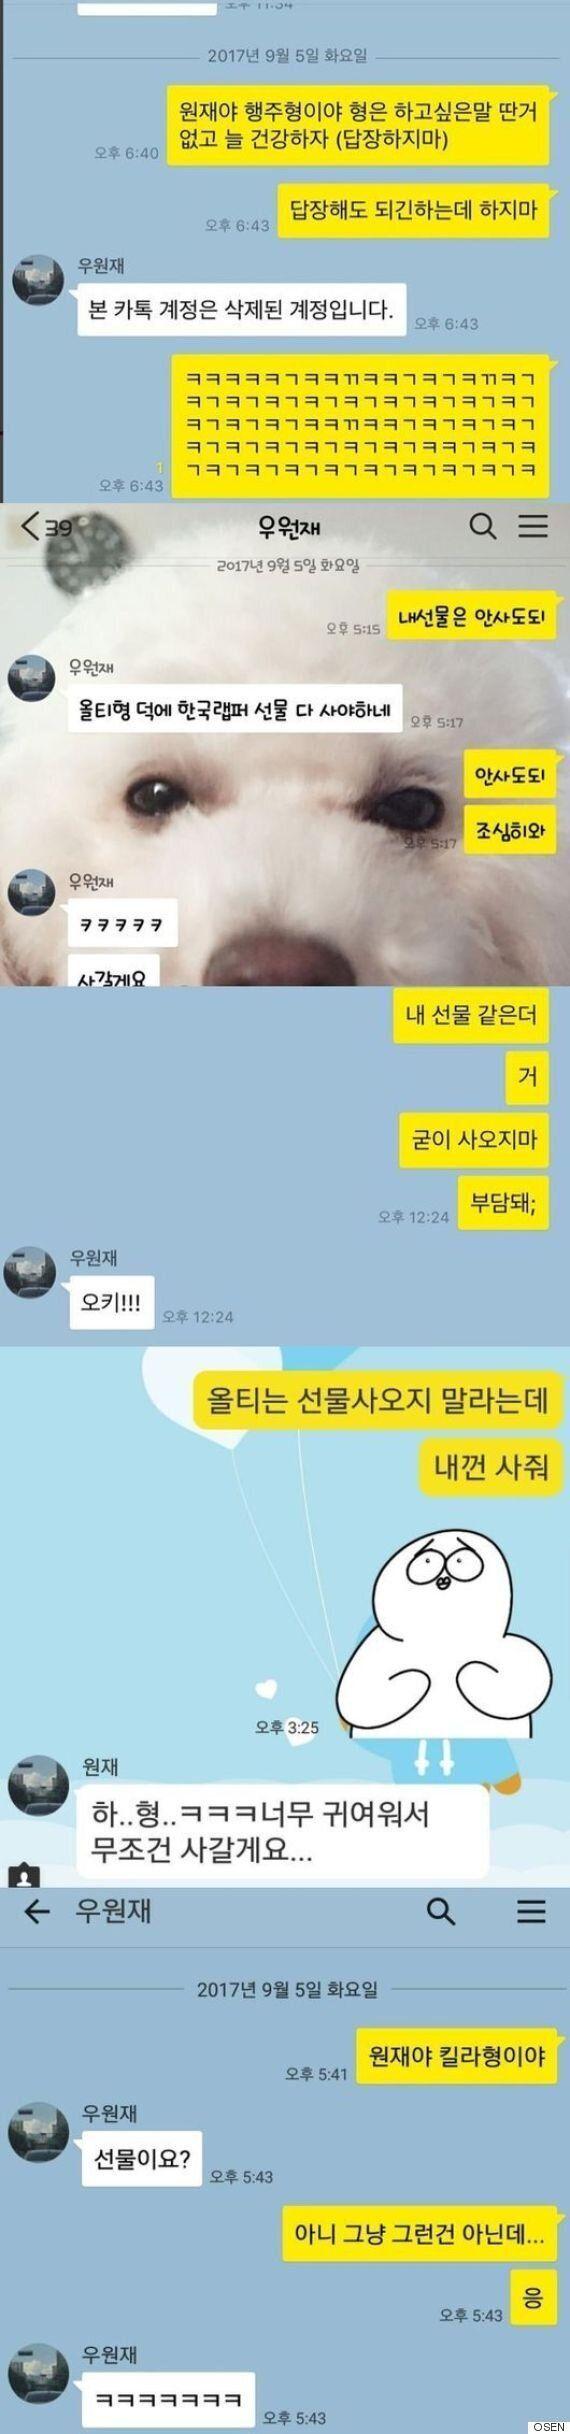 '쇼미6' 래퍼들, 日여행 우원재에 '선물받기 챌린지'